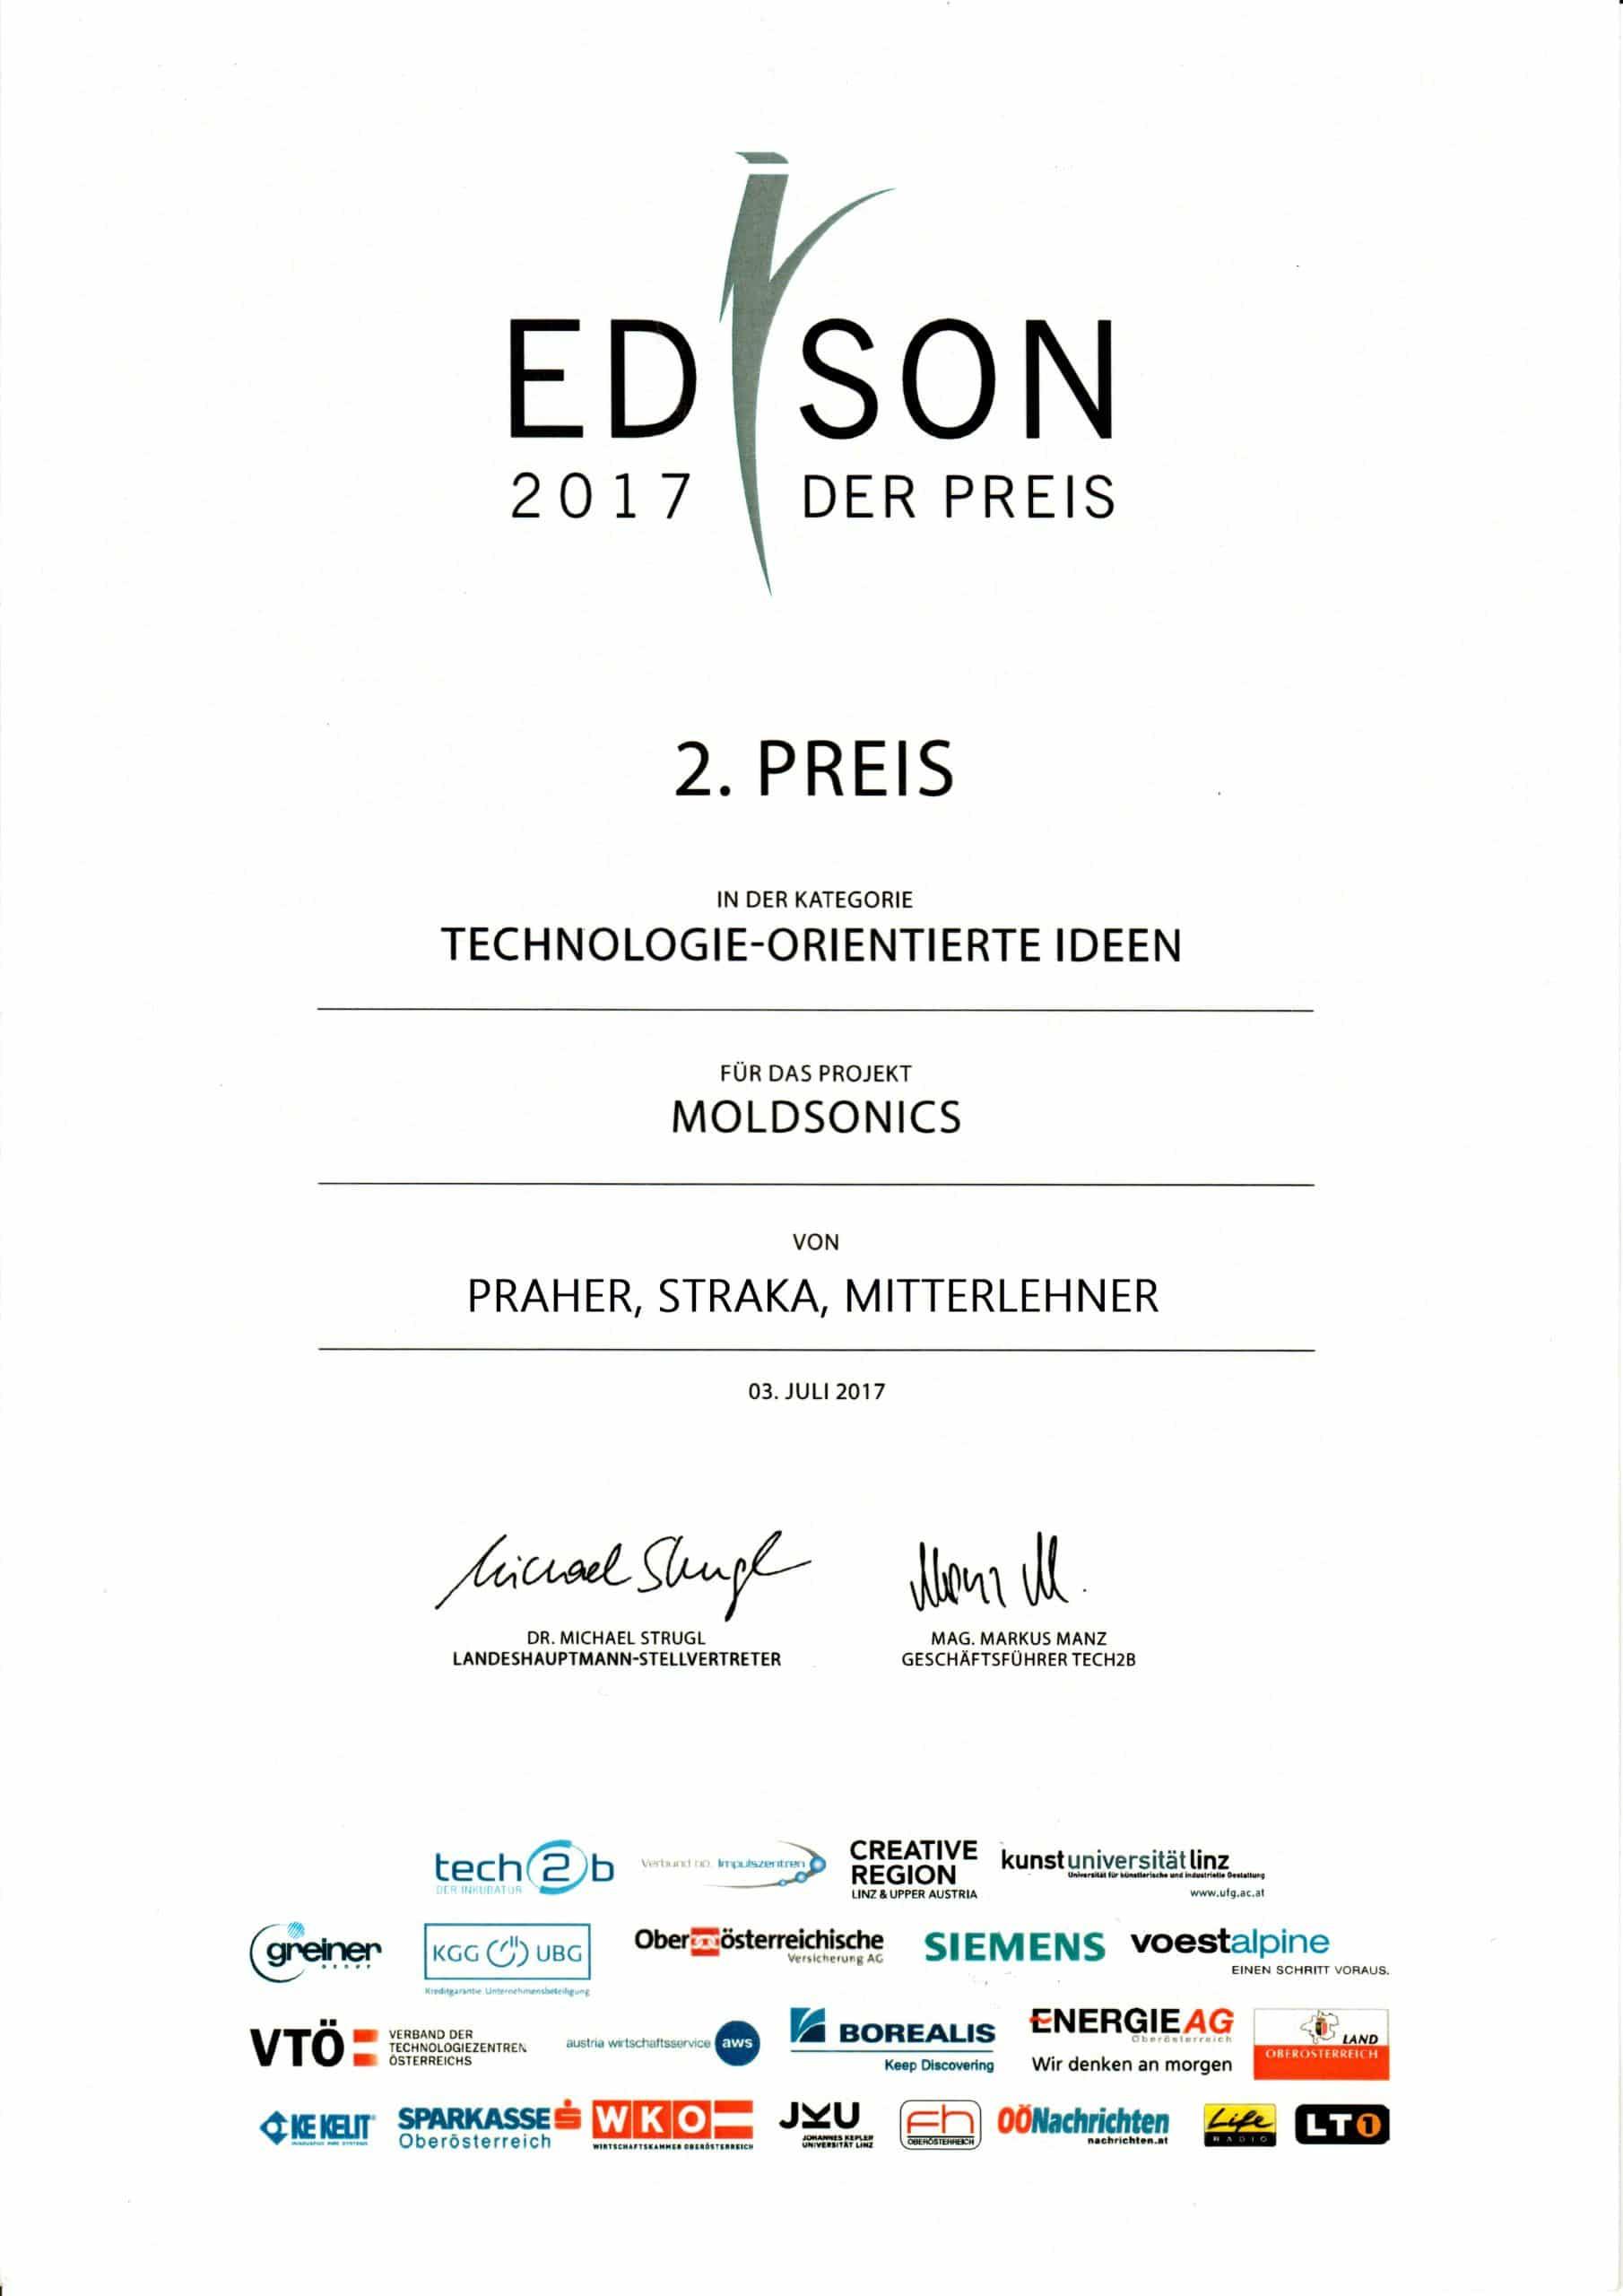 Edison Preis 2017